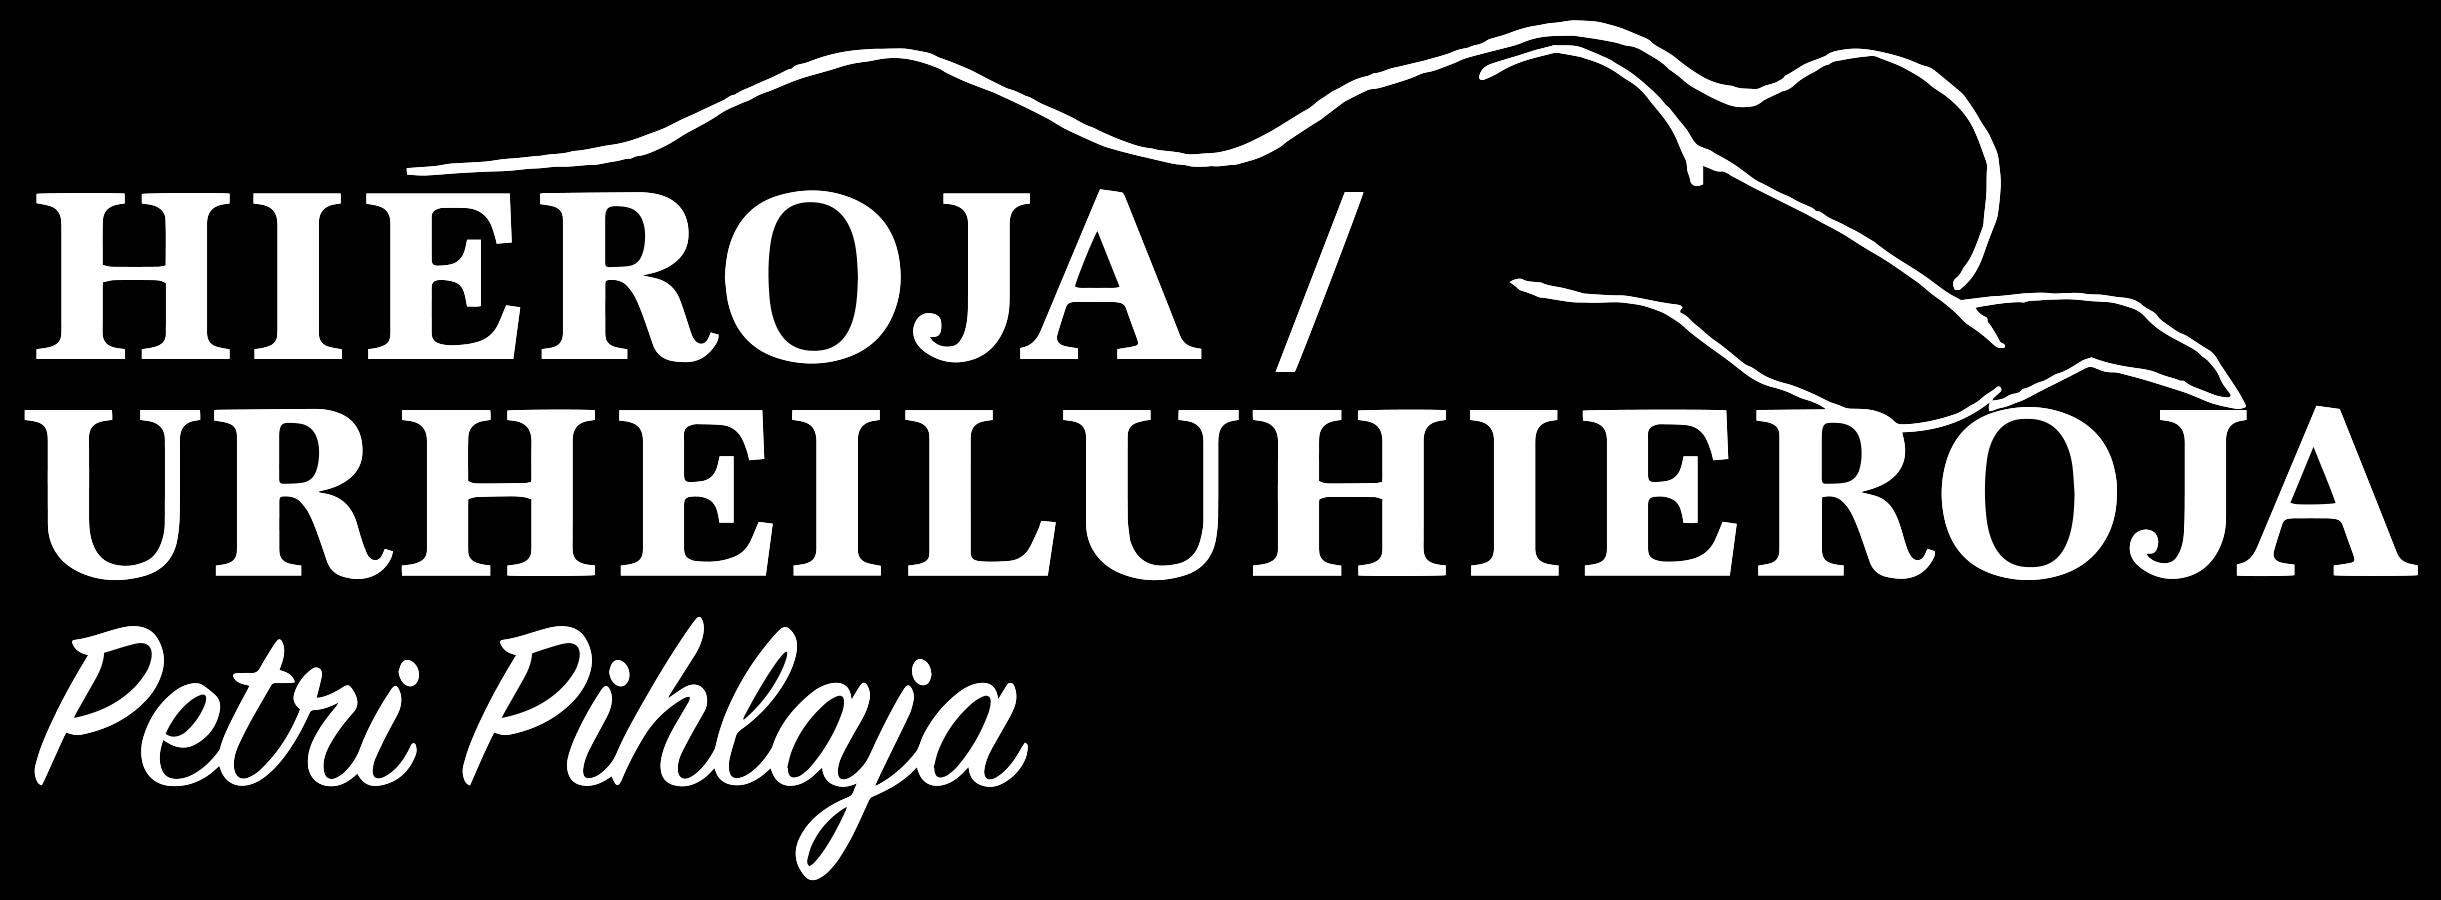 Hieroja / Urheiluhieroja Petri Pihlaja